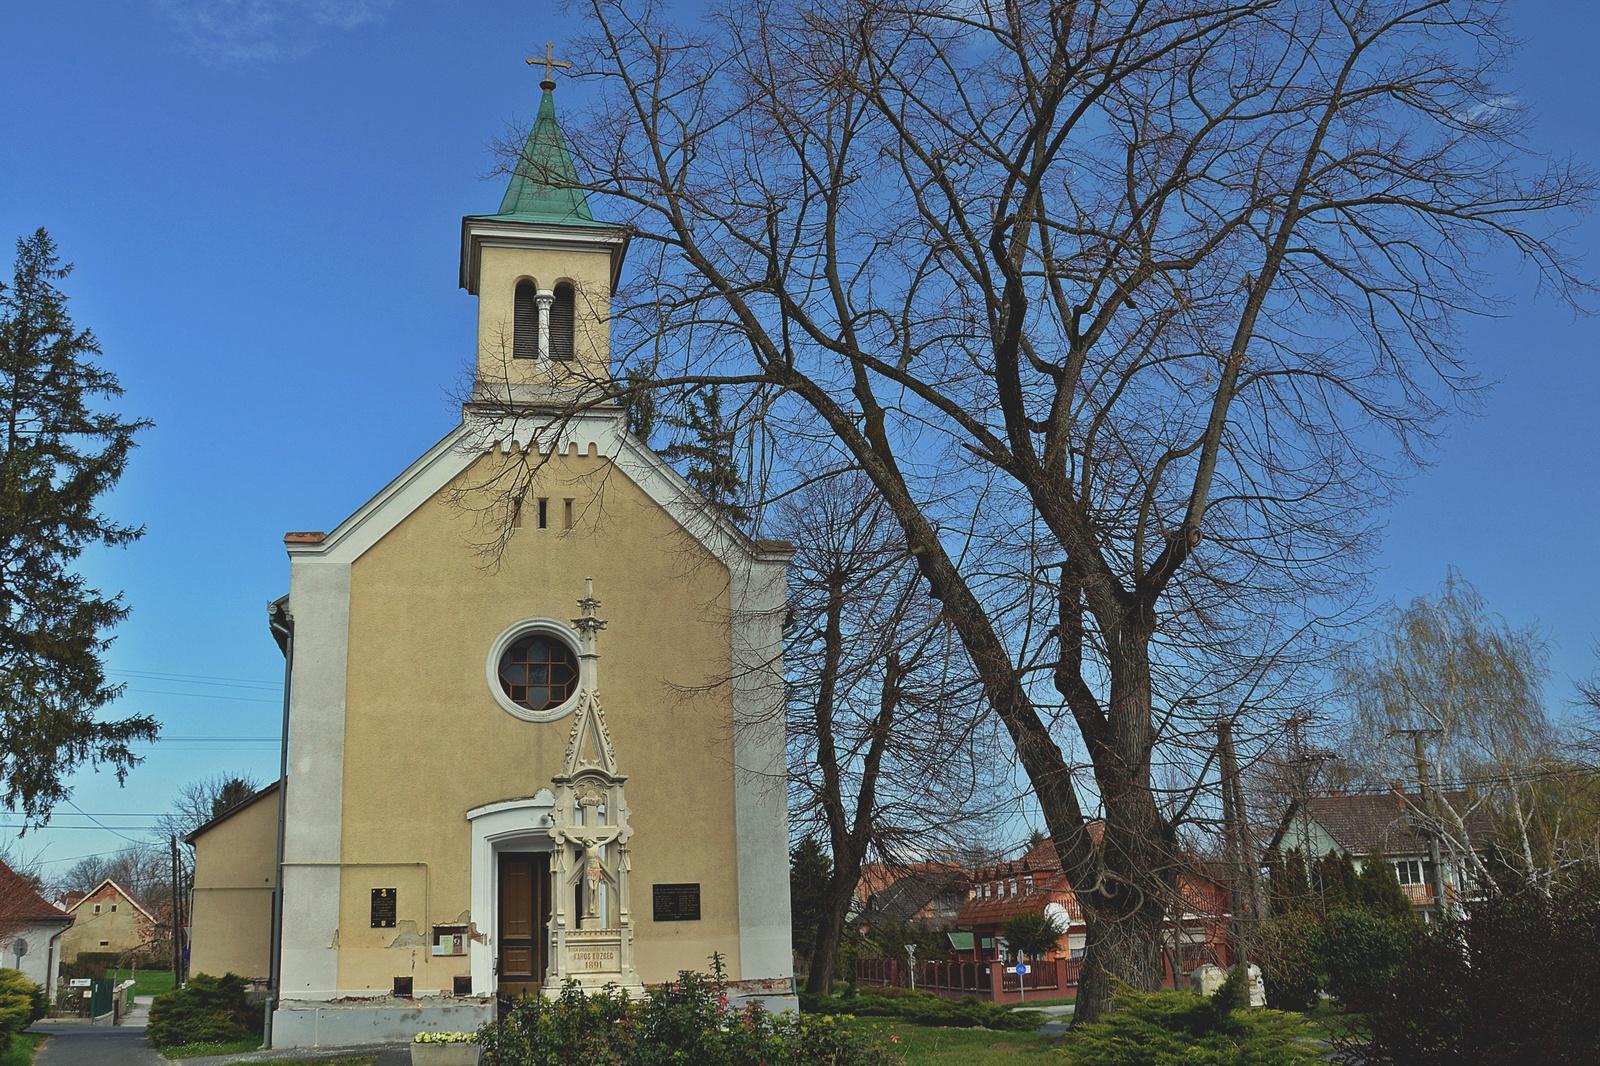 Szent Anna kápolna, Zalakaros